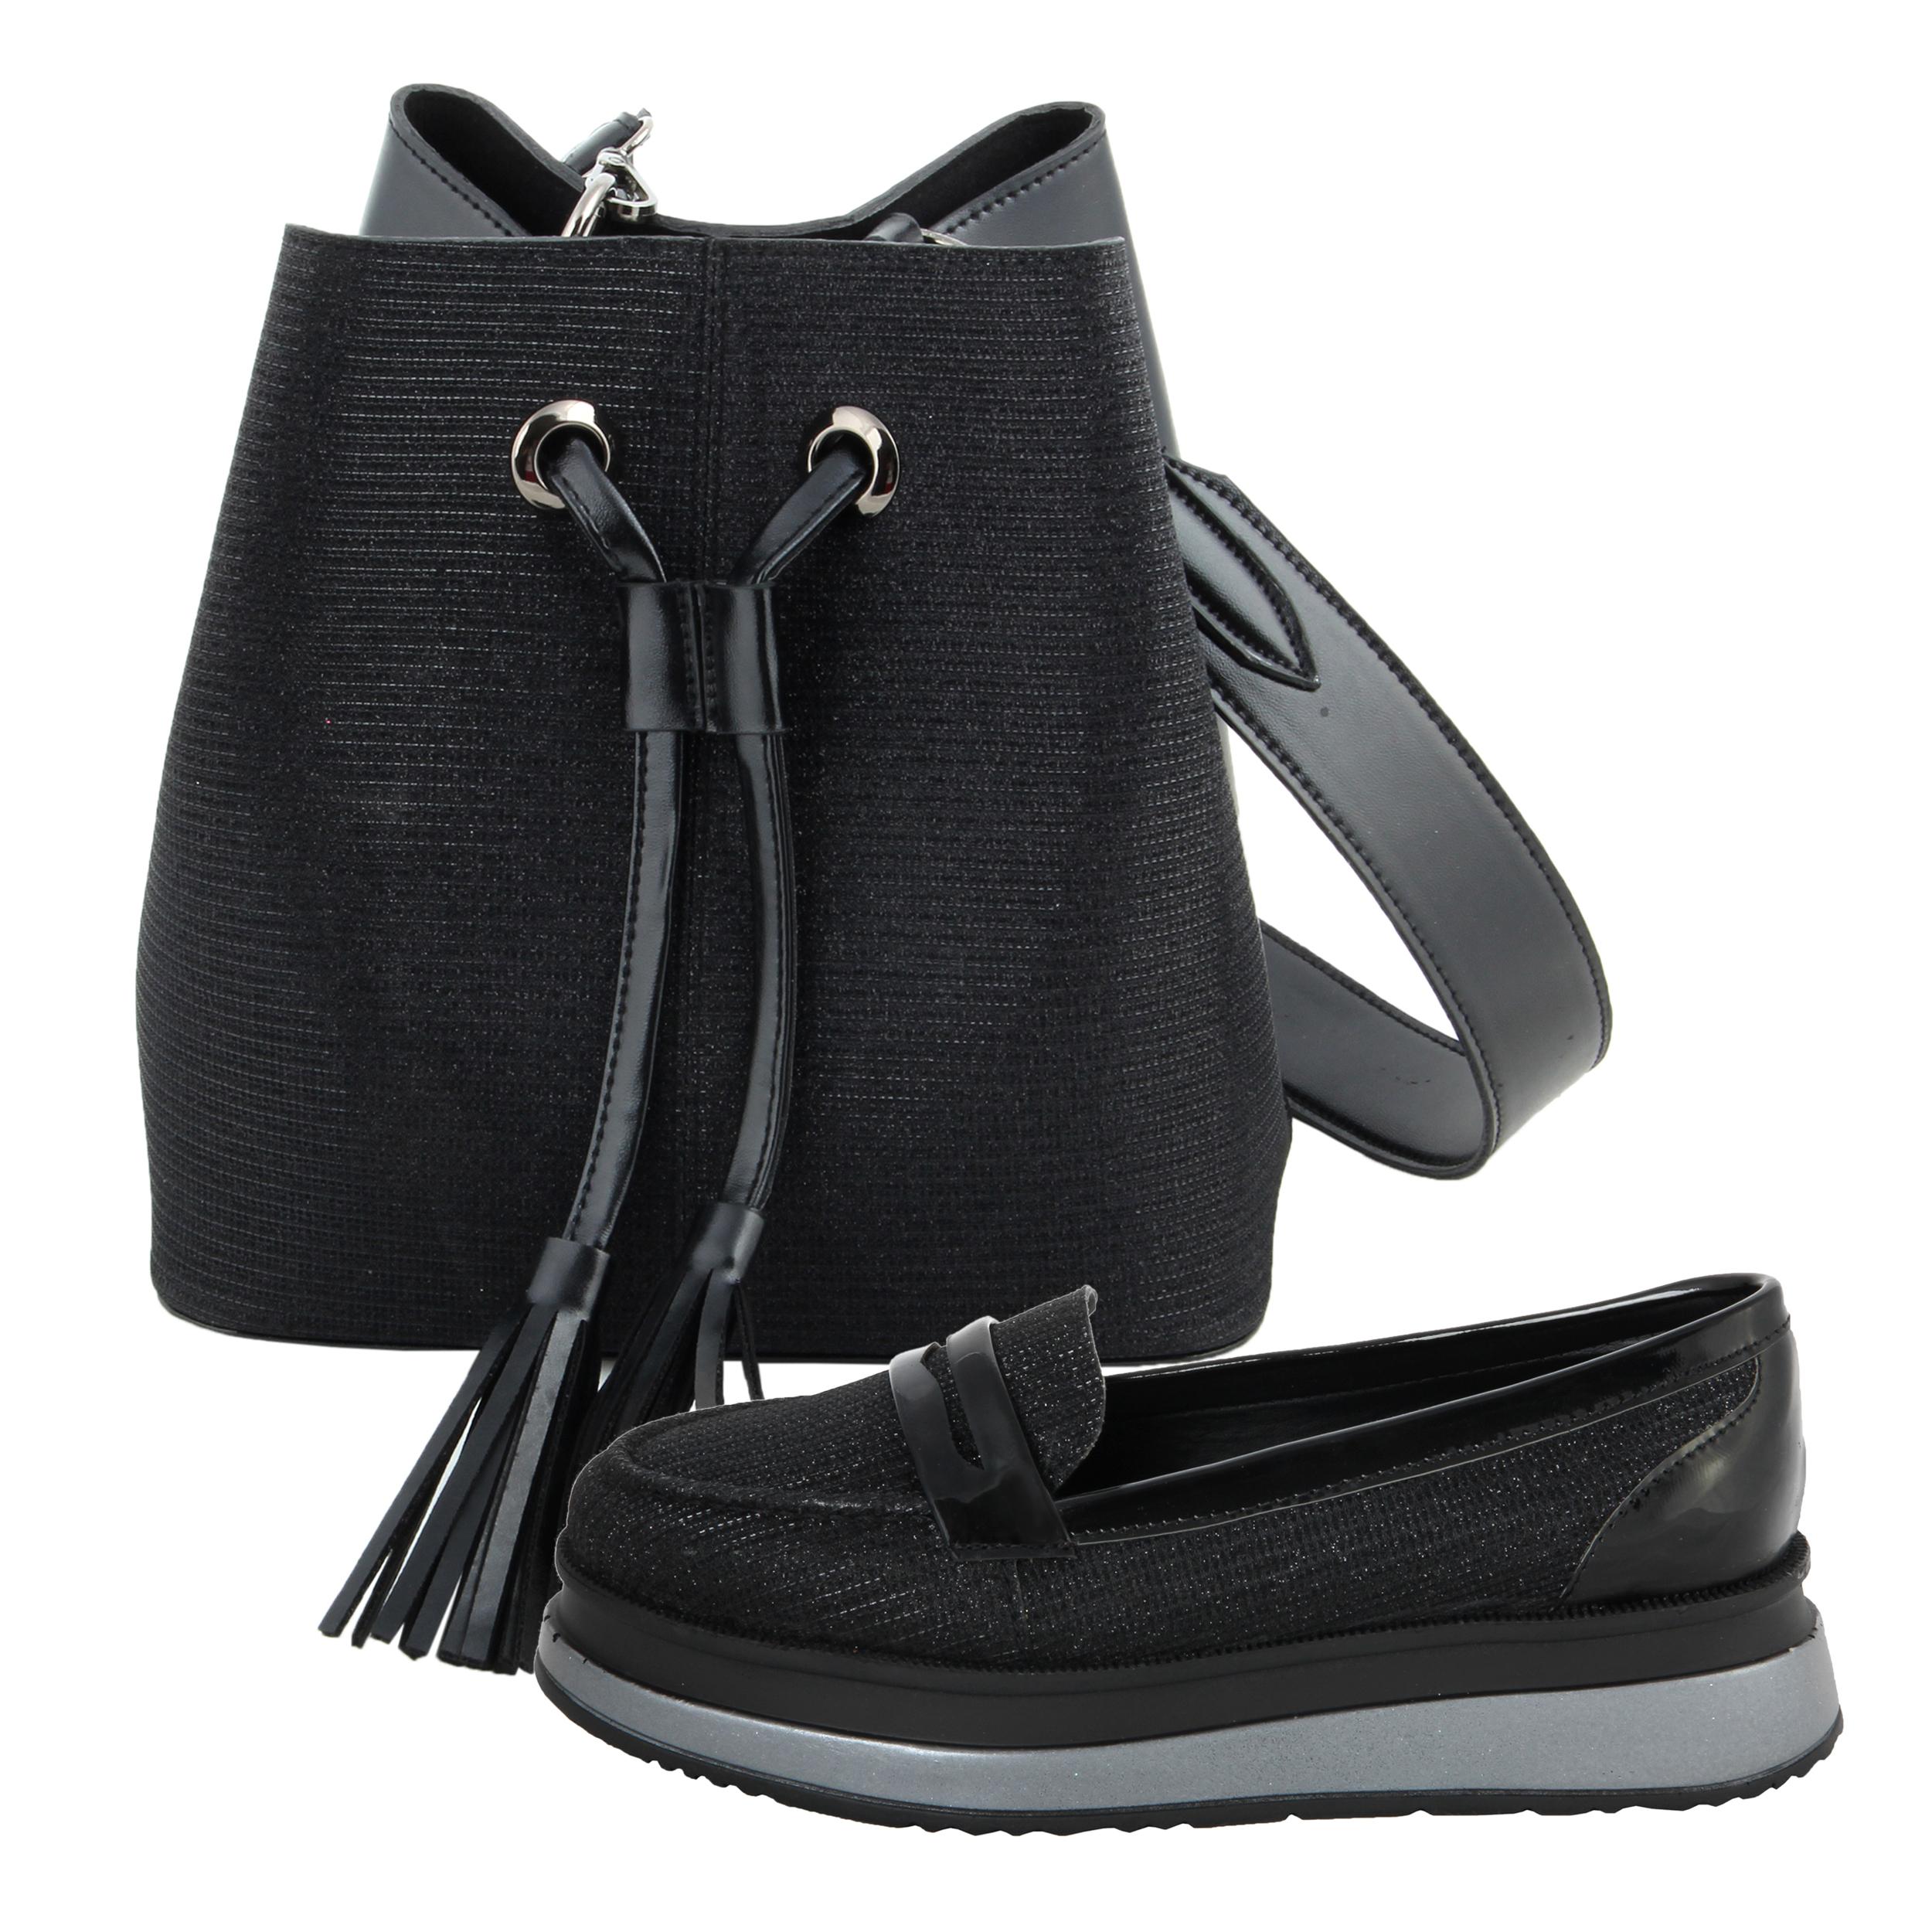 ست کیف و کفش زنانه کد st217